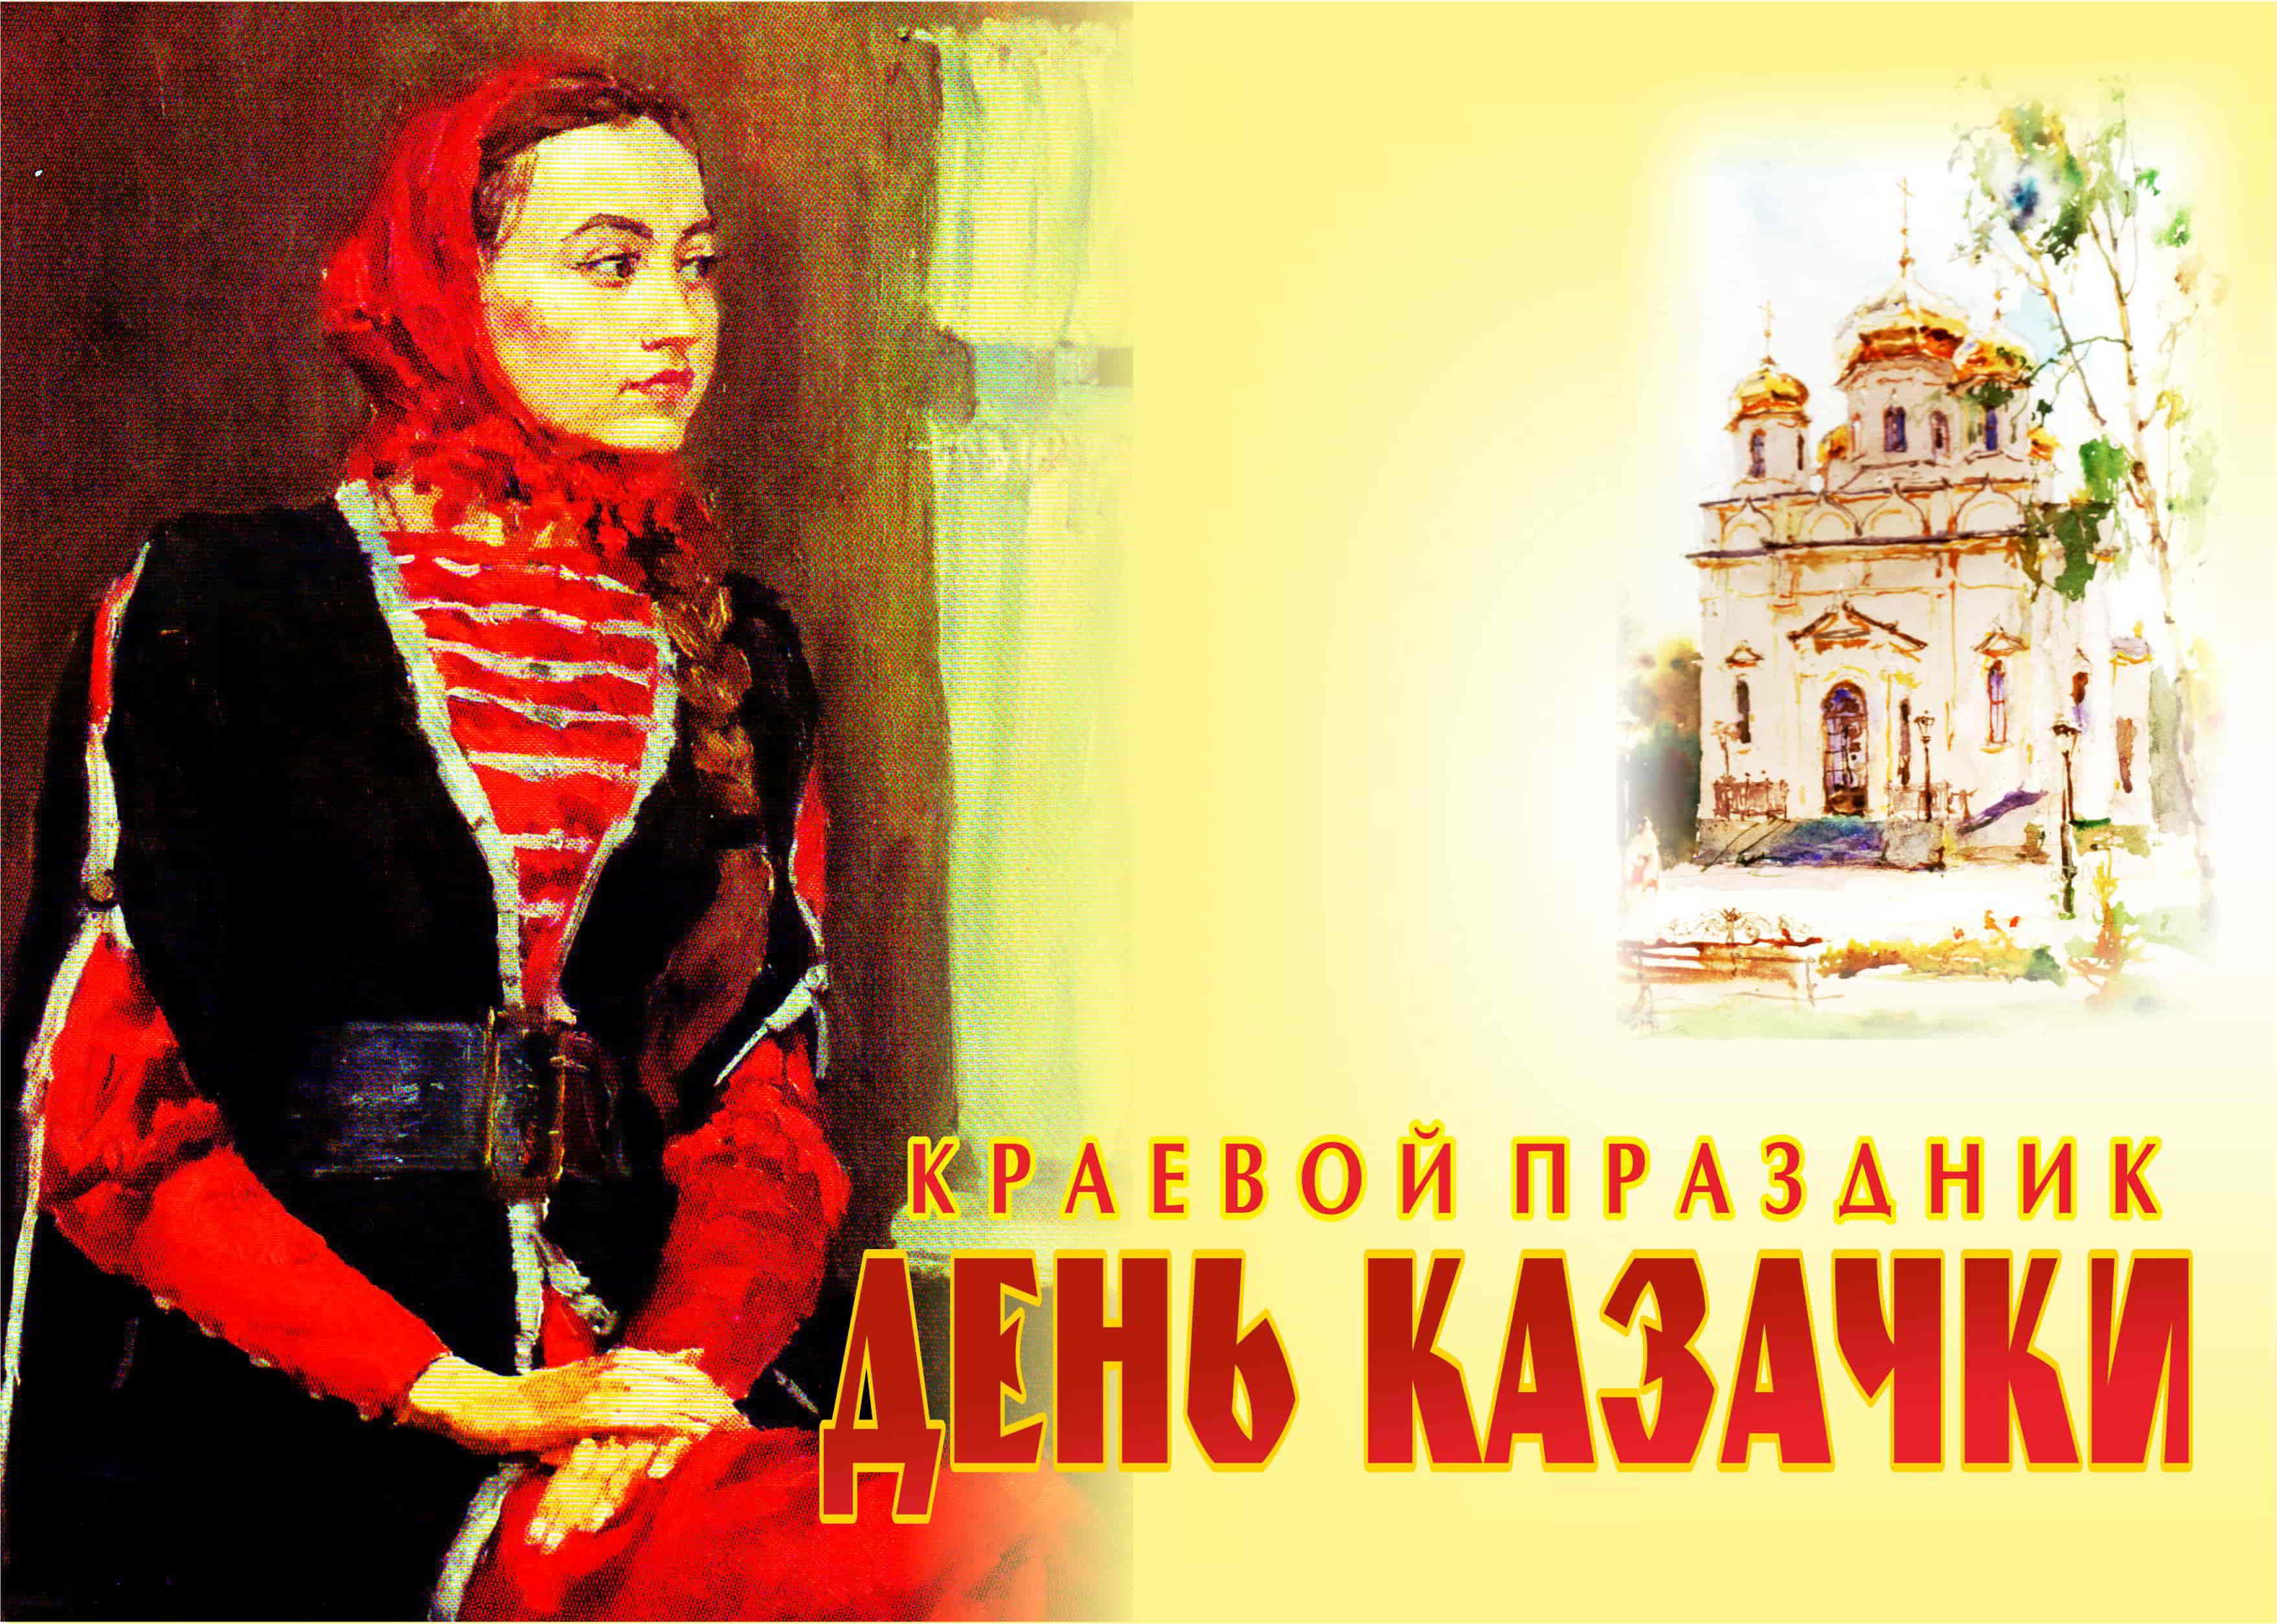 В шестнадцатый раз «День казачки» пройдет на Ставрополье